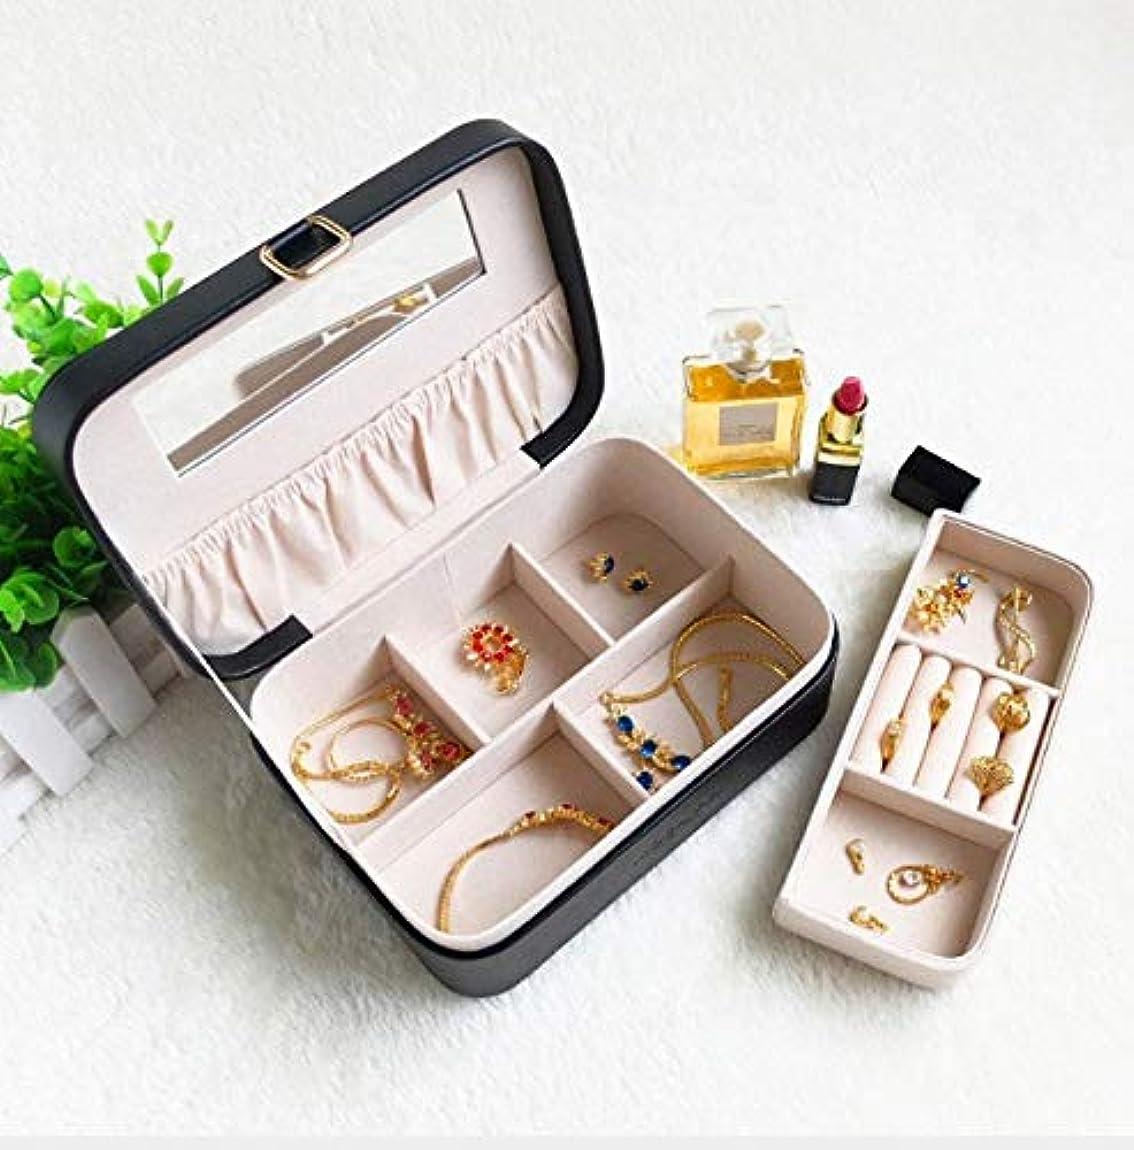 鋸歯状ブレース管理者化粧箱、レトロ化粧品防水ミラー化粧ケース、ポータブルトラベル化粧品バッグ収納袋、美容ジュエリー収納ボックス (Color : ブラック)